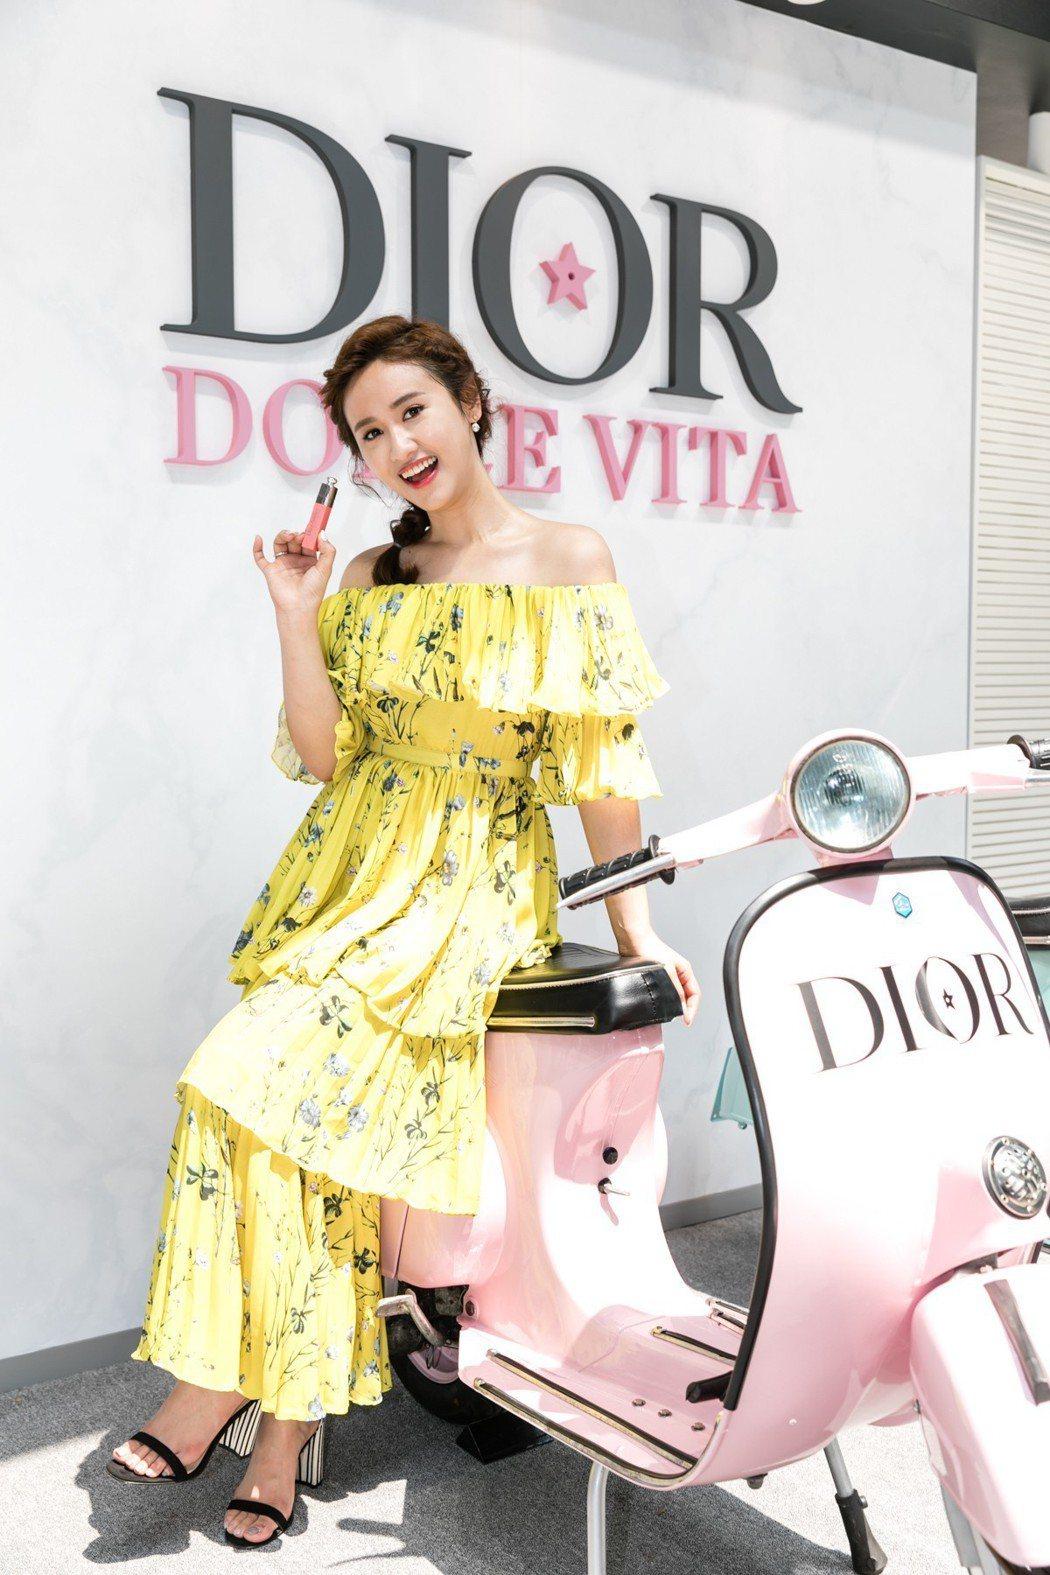 吳姍儒出席迪奧「DOLCE VITA我的羅馬假期」活動。圖/迪奧提供